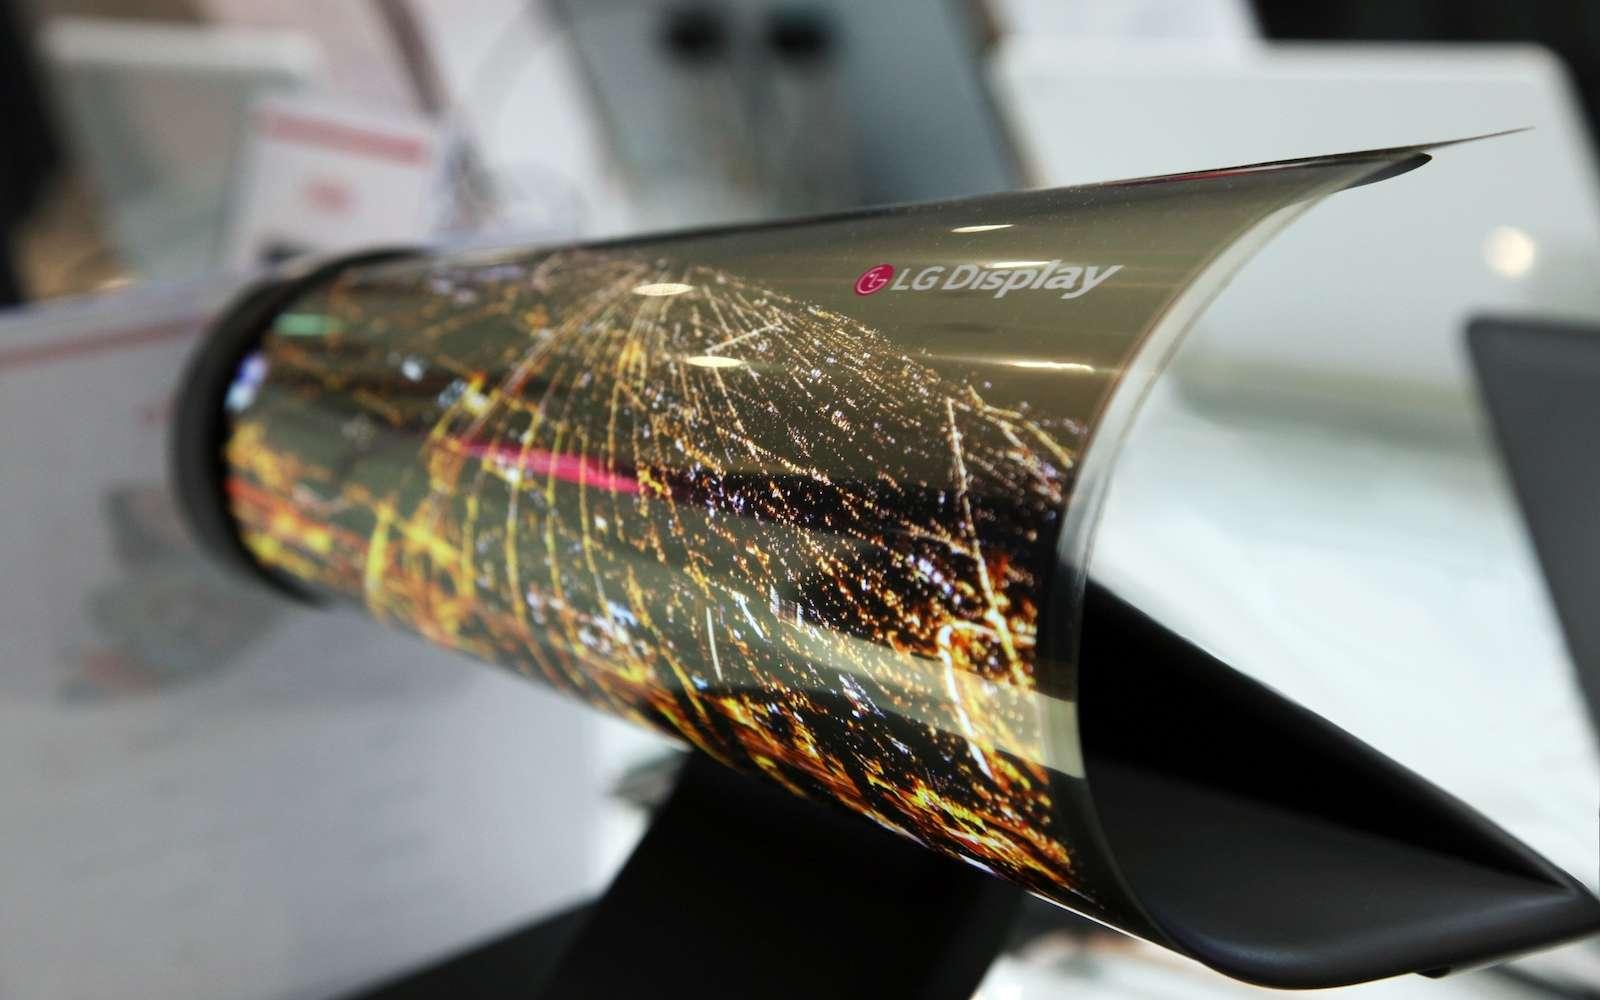 Il y a trois ans, LG Display avait dévoilé une dalle Oled de 18 pouces que l'on pouvait enrouler comme un journal. © LG